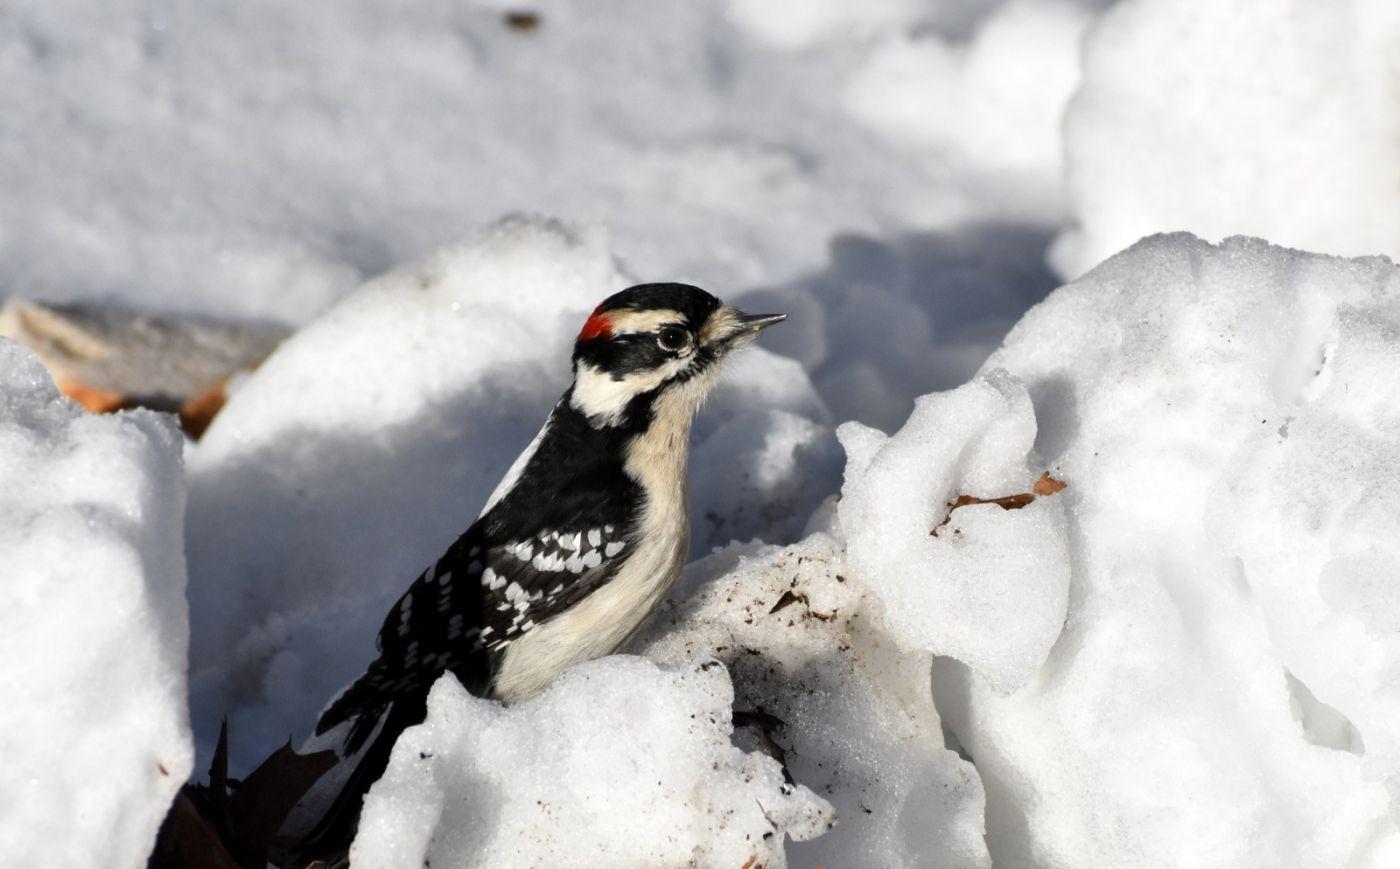 雪后鸟儿忙觅食_图1-35